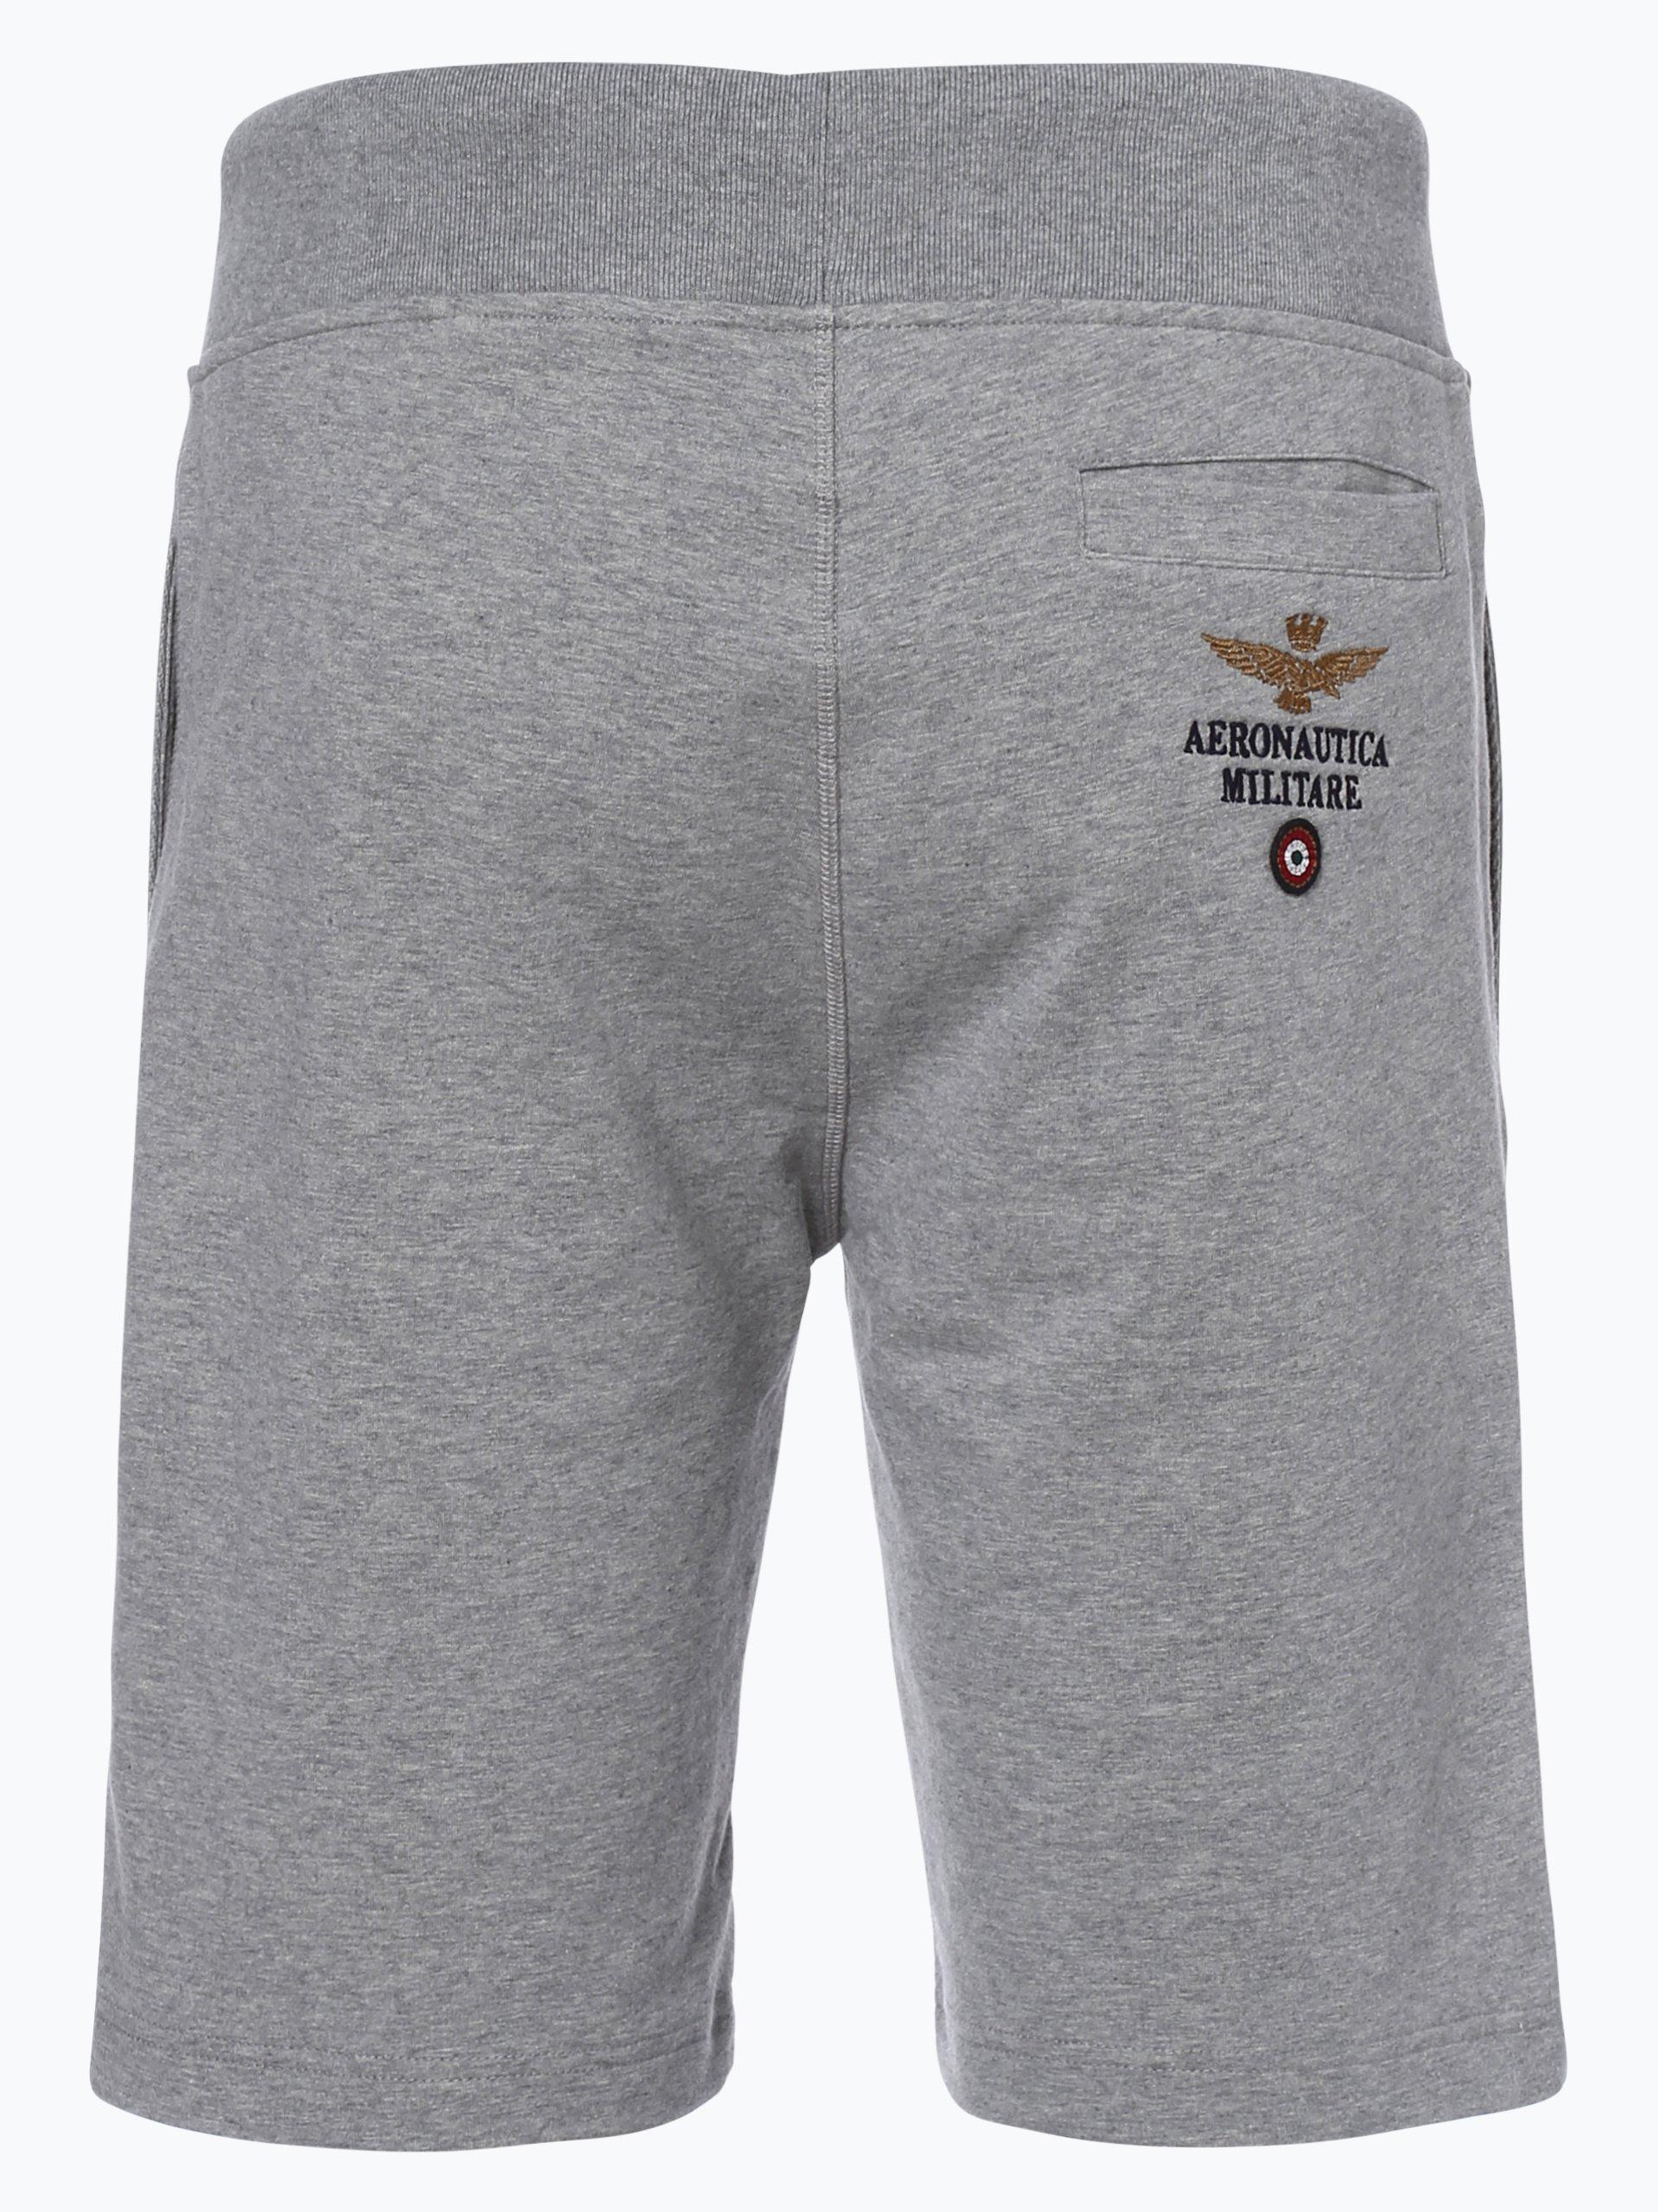 Aeronautica Herren Shorts